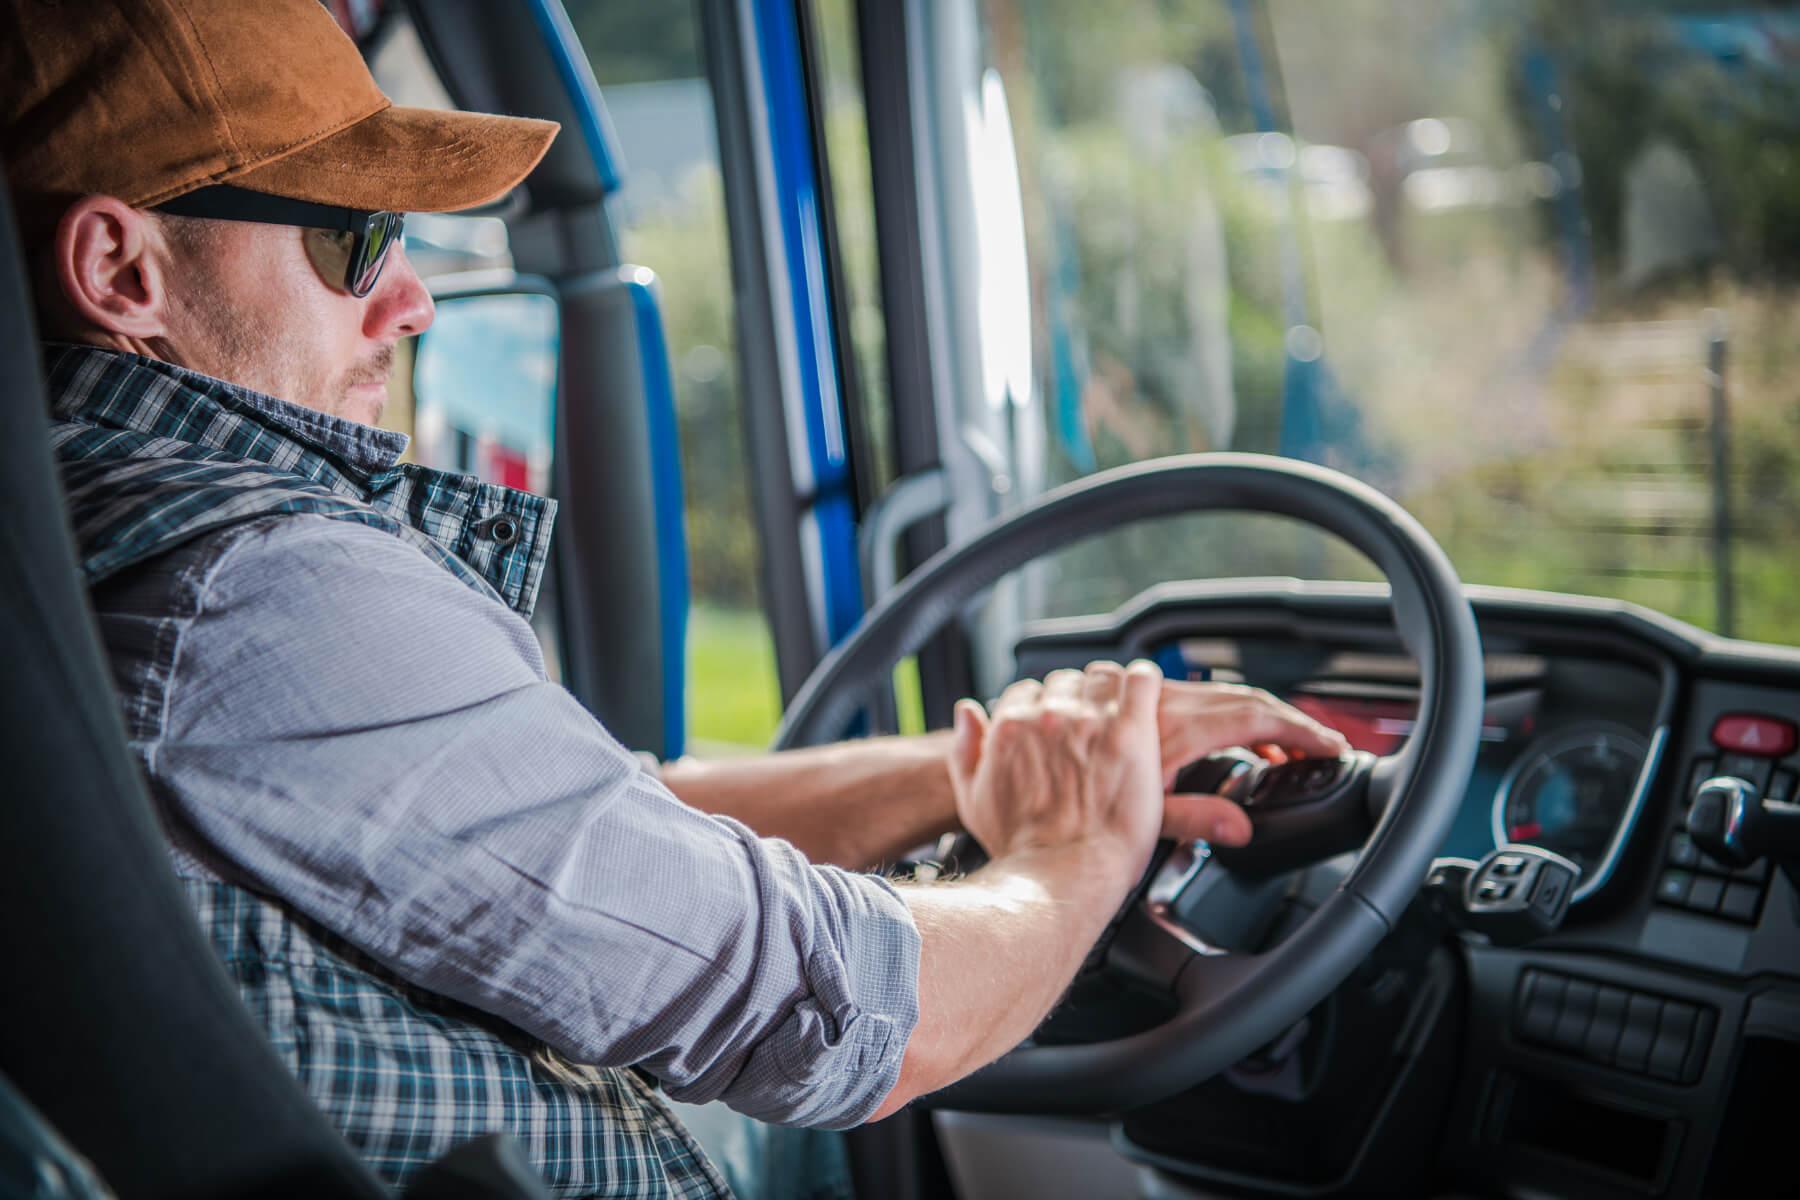 Sürücü Yaş Şartı 69'a Çıkarıldı